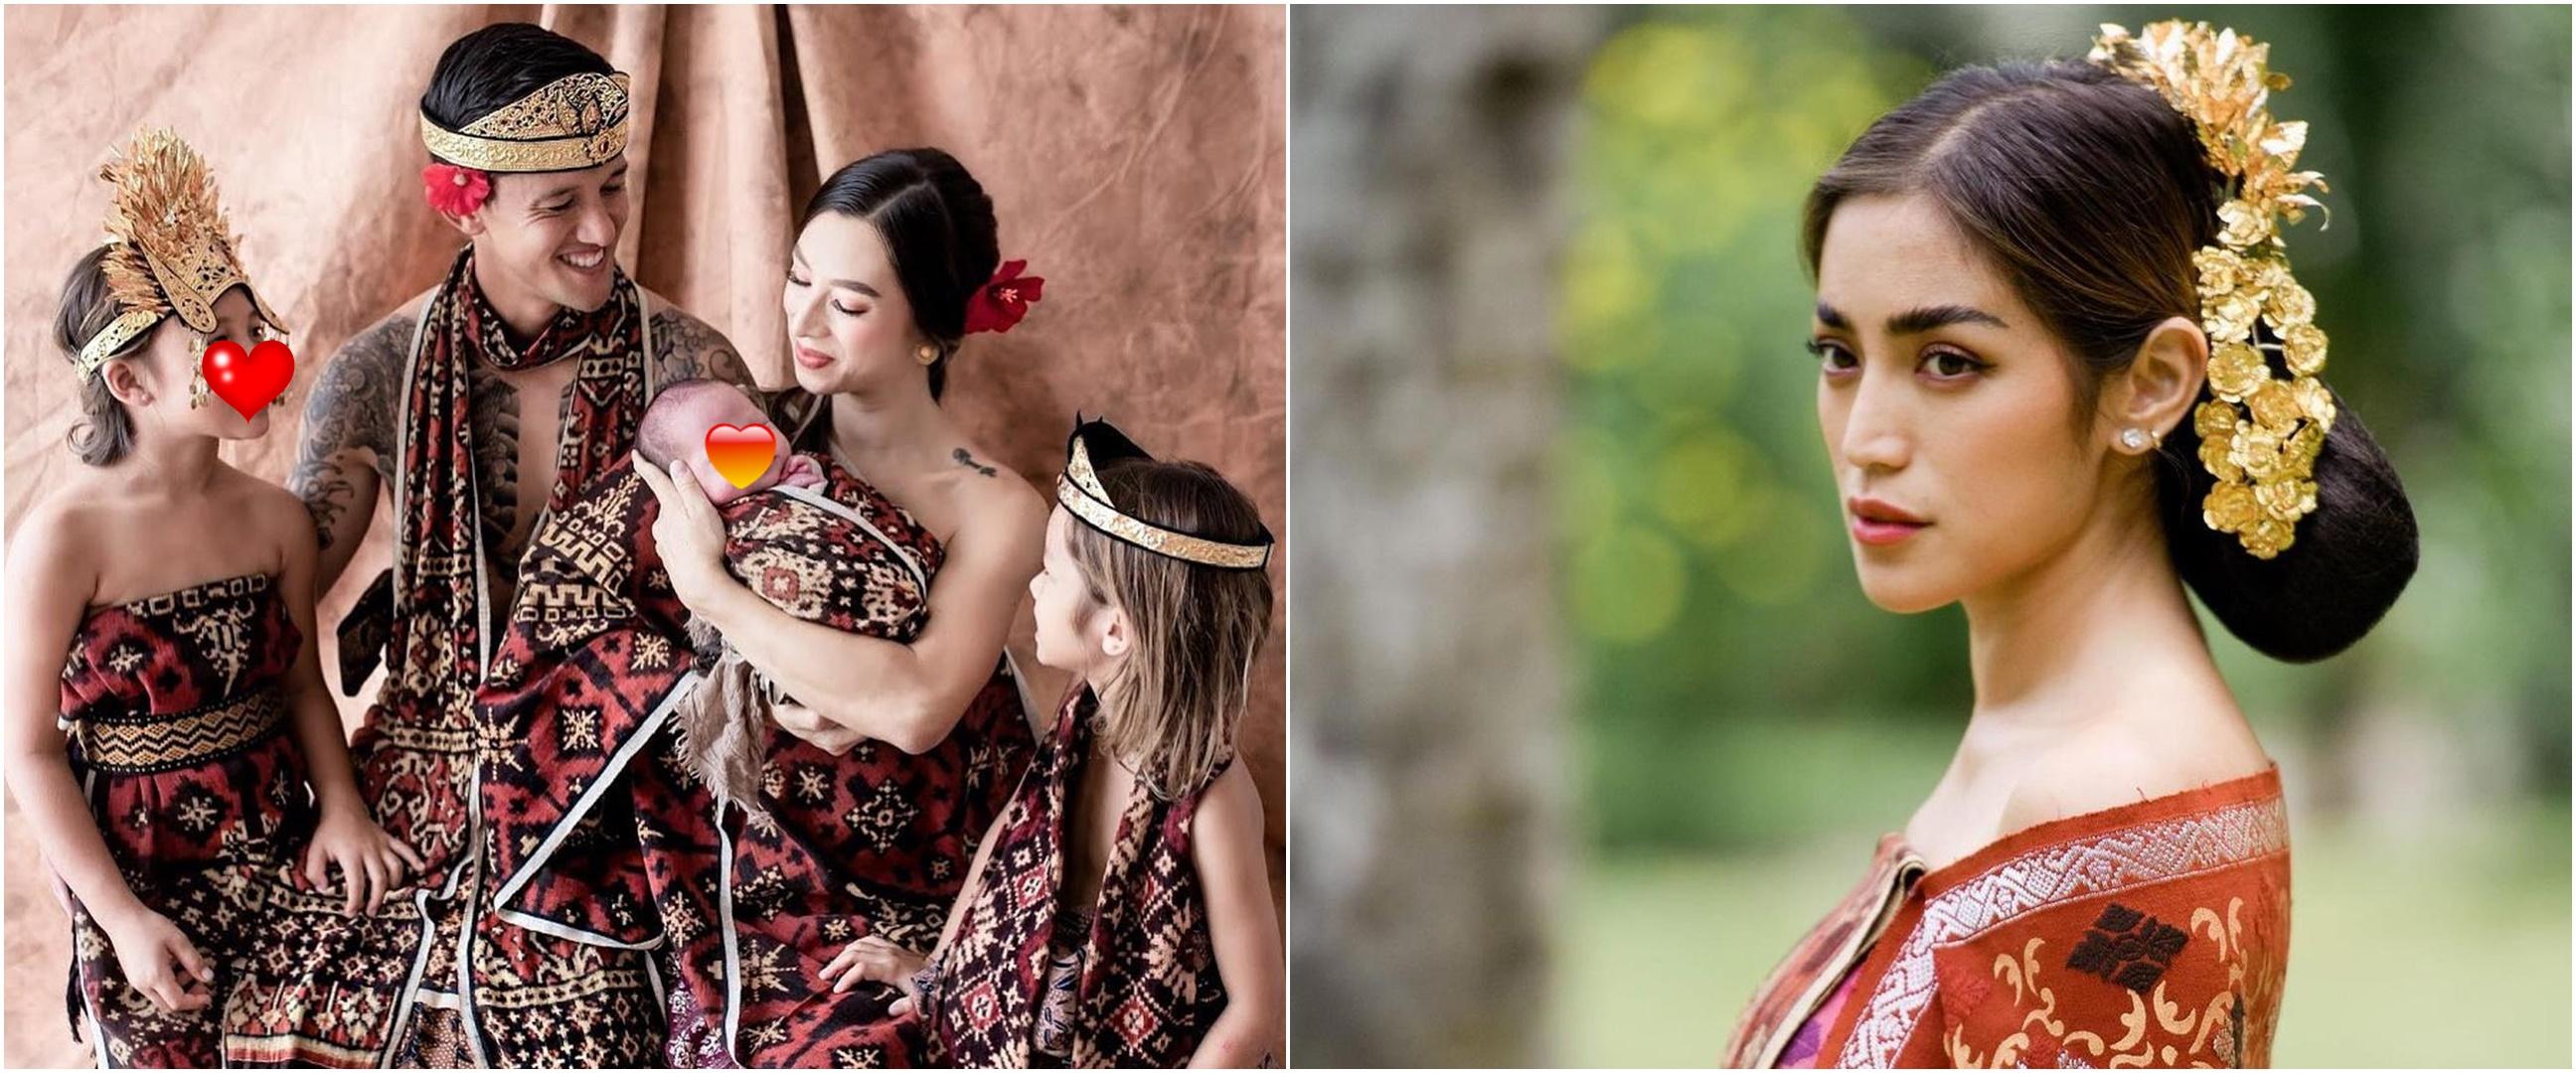 8 Seleb pakai baju adat Bali saat Hari Raya Nyepi 2021, curi perhatian